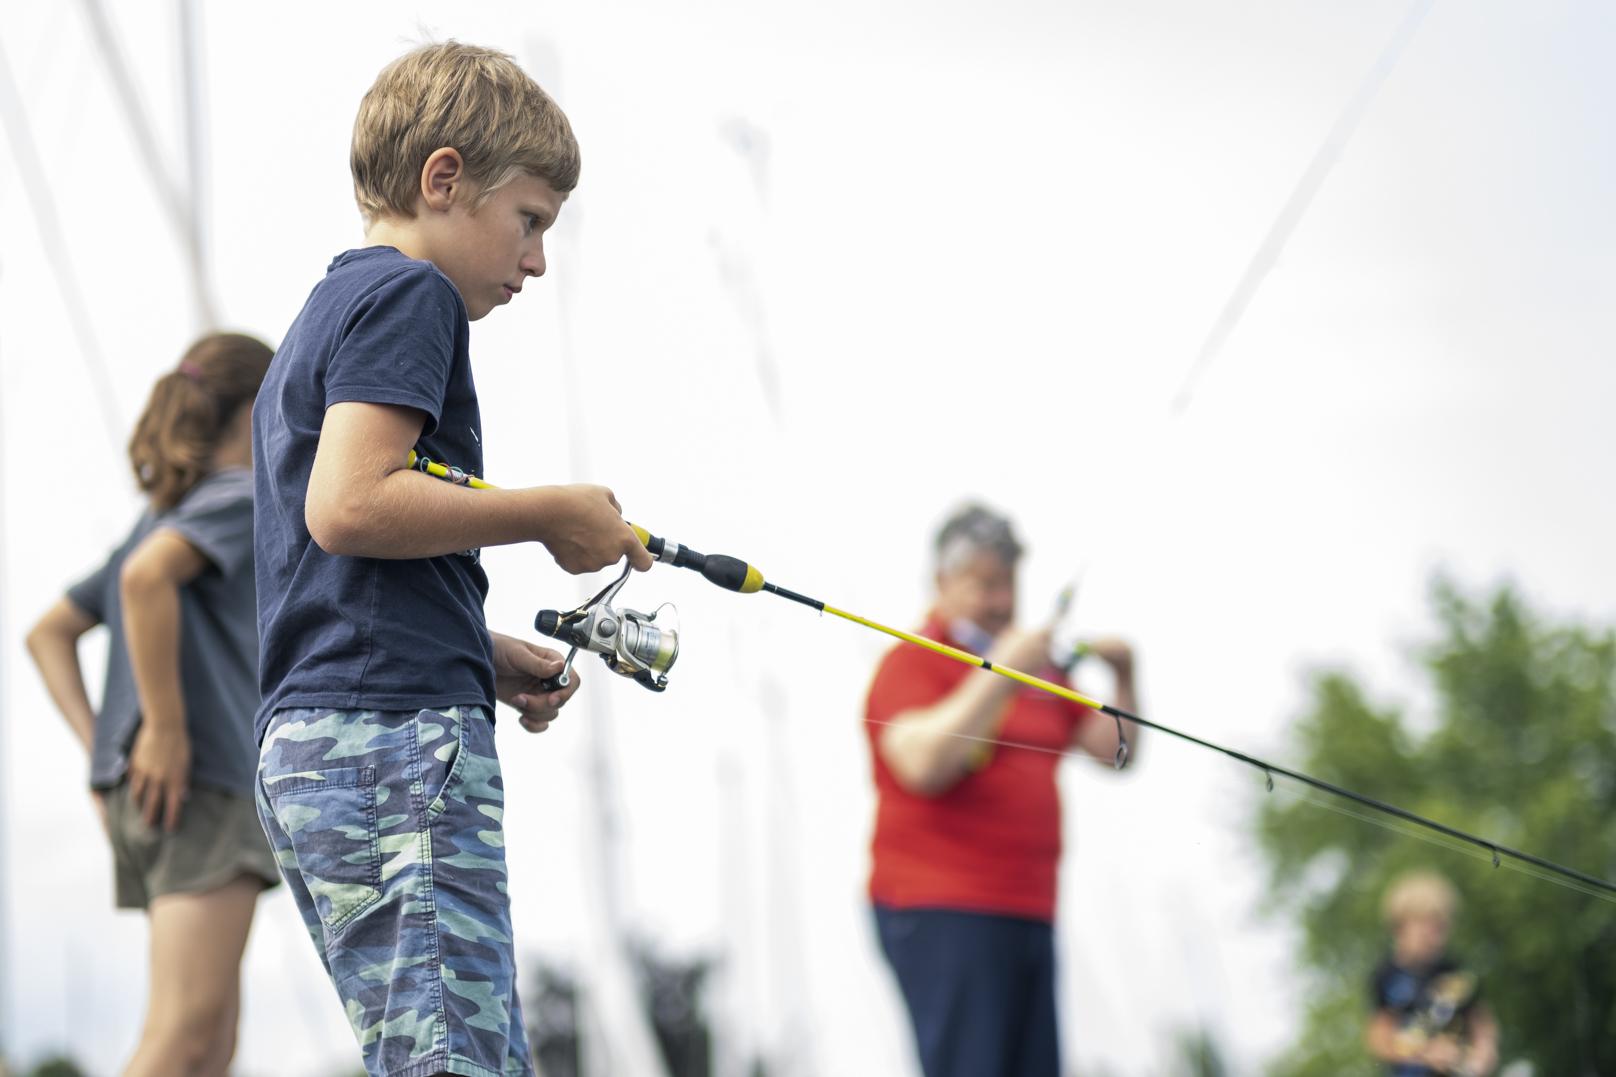 Pour oublier le Covid, les Suisses se sont mis à la pêche